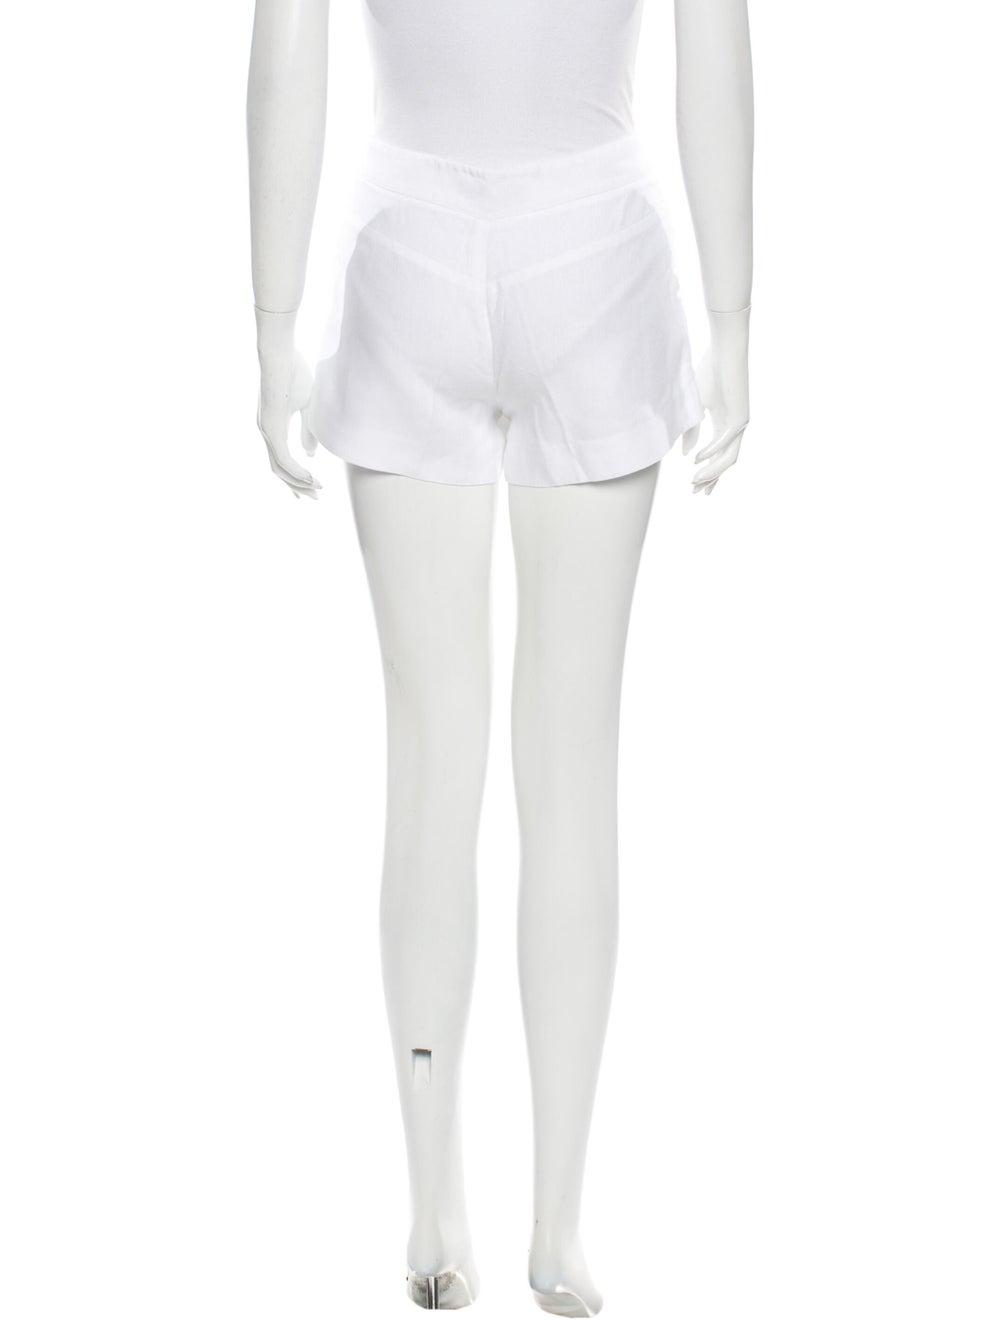 Joie Linen Mini Shorts White - image 3